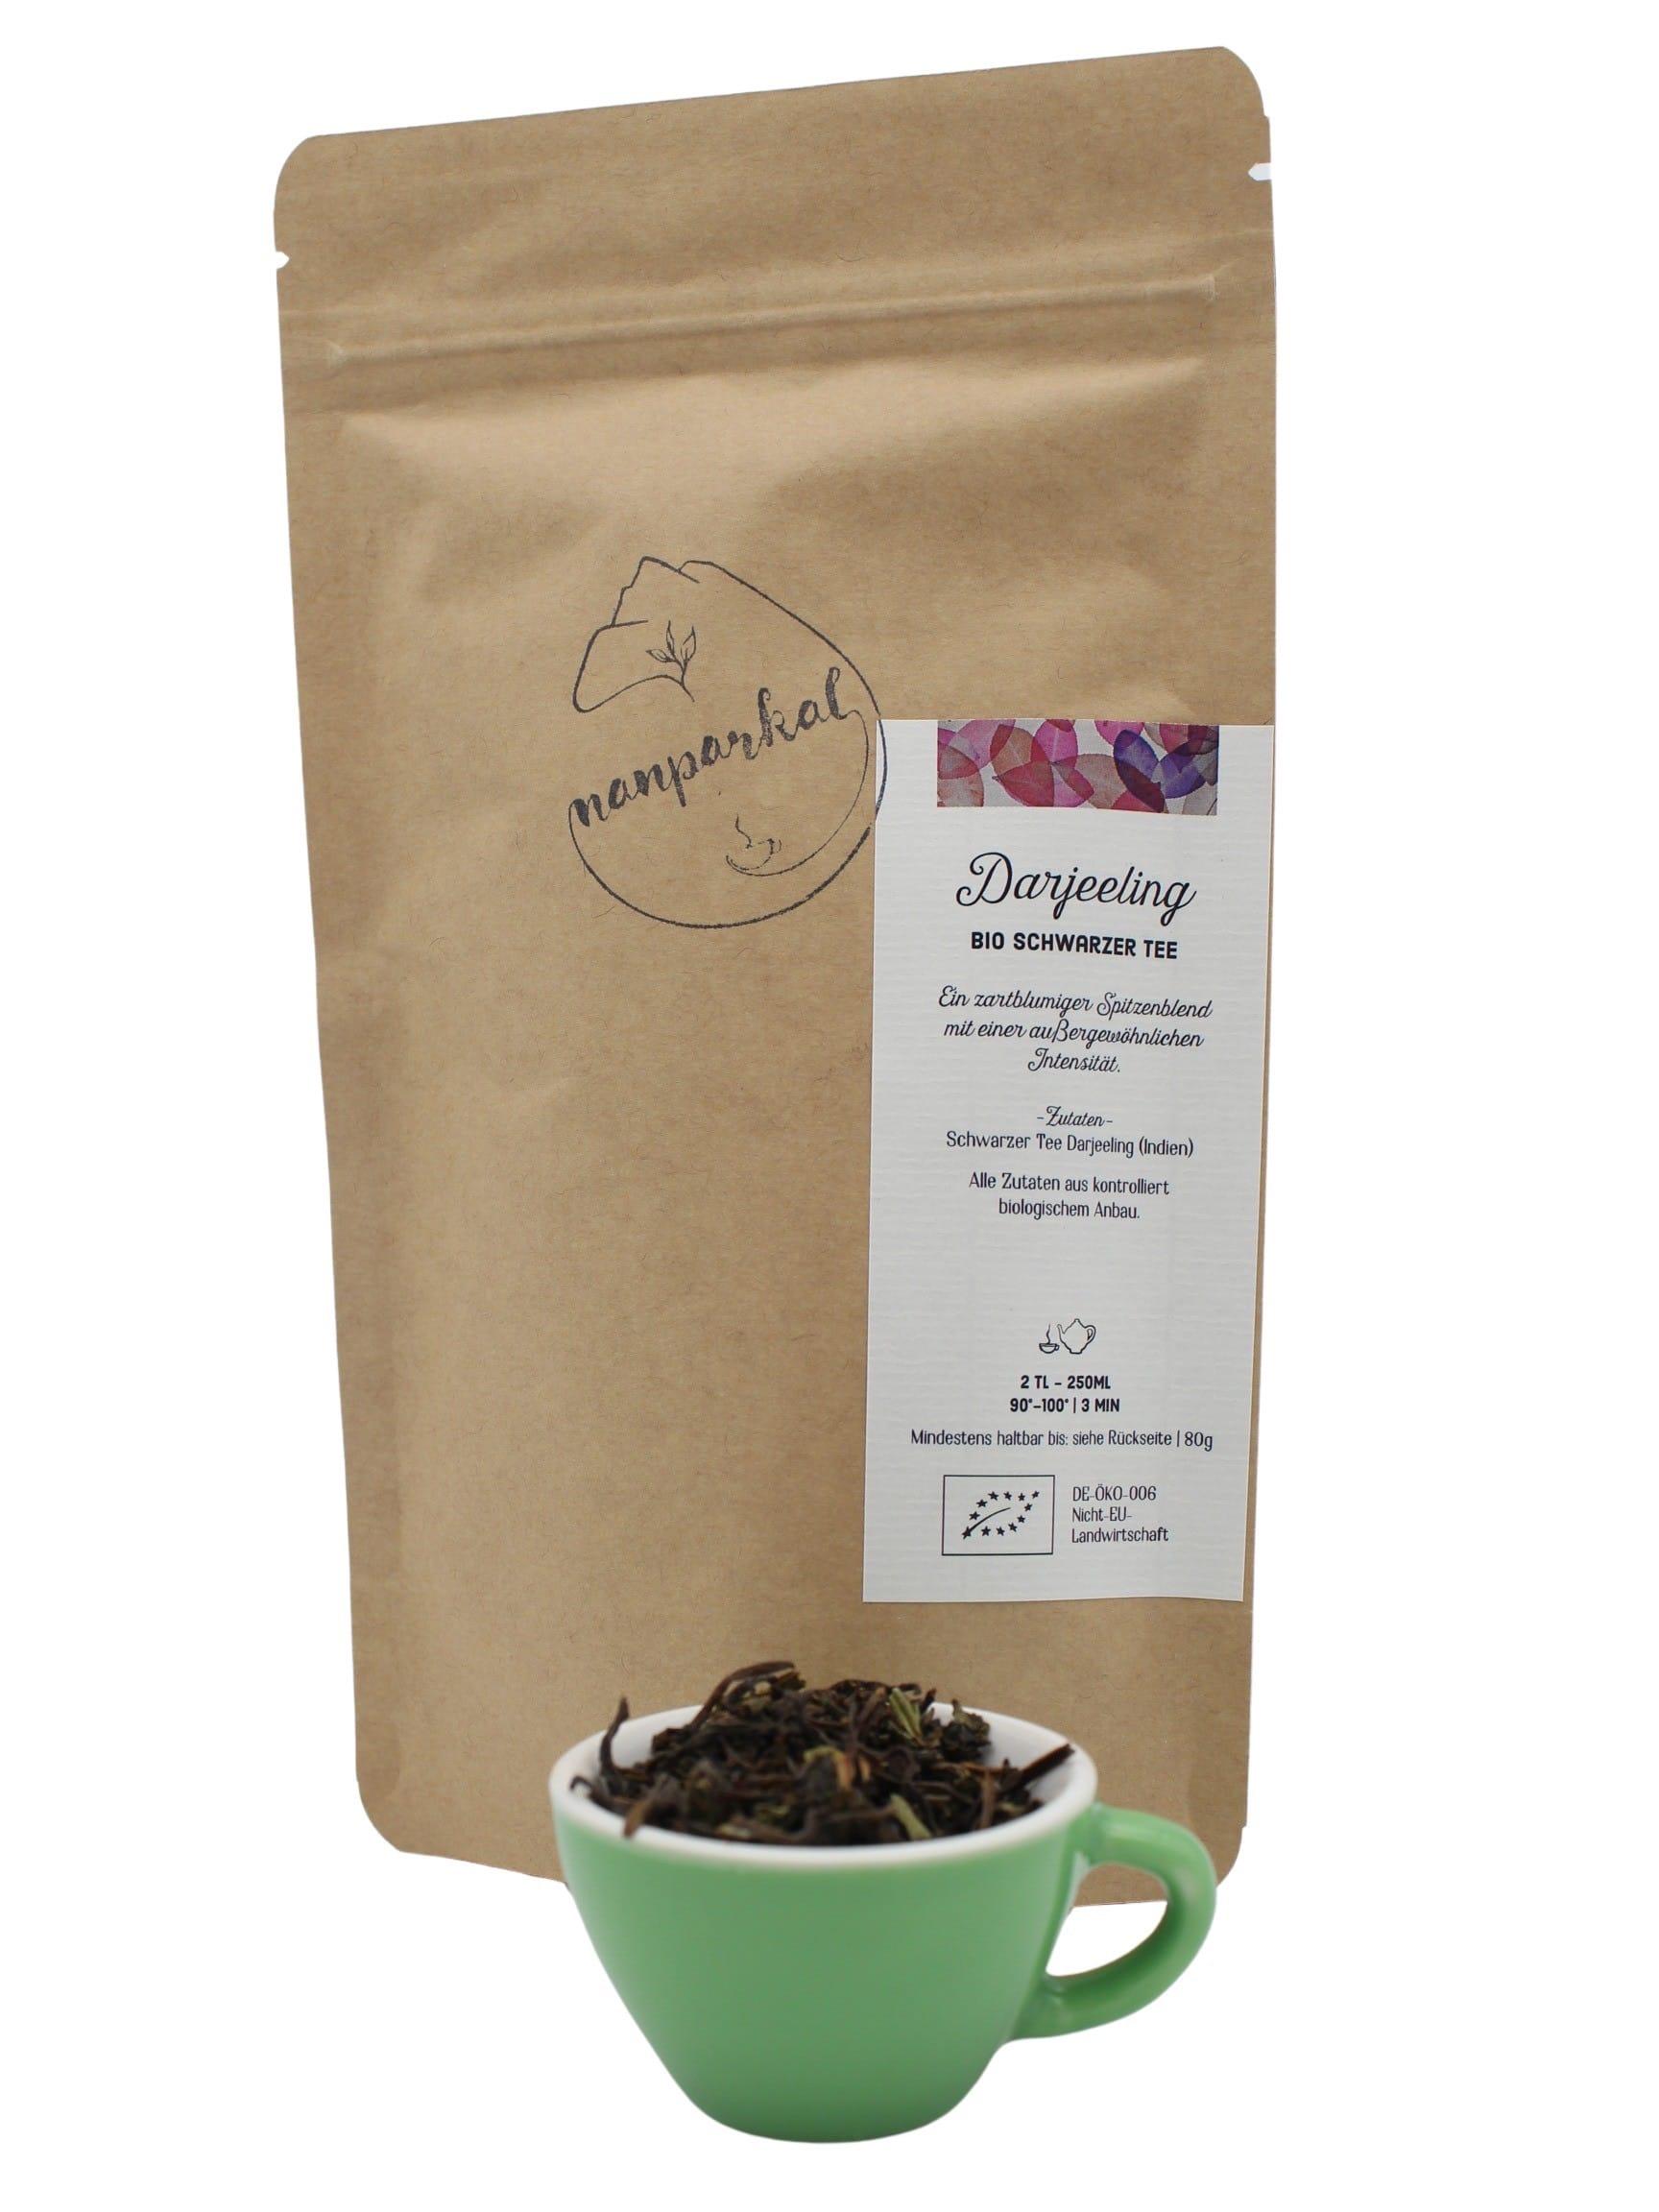 Darjeeling - Bio-Schwarzer Tee aus Indien